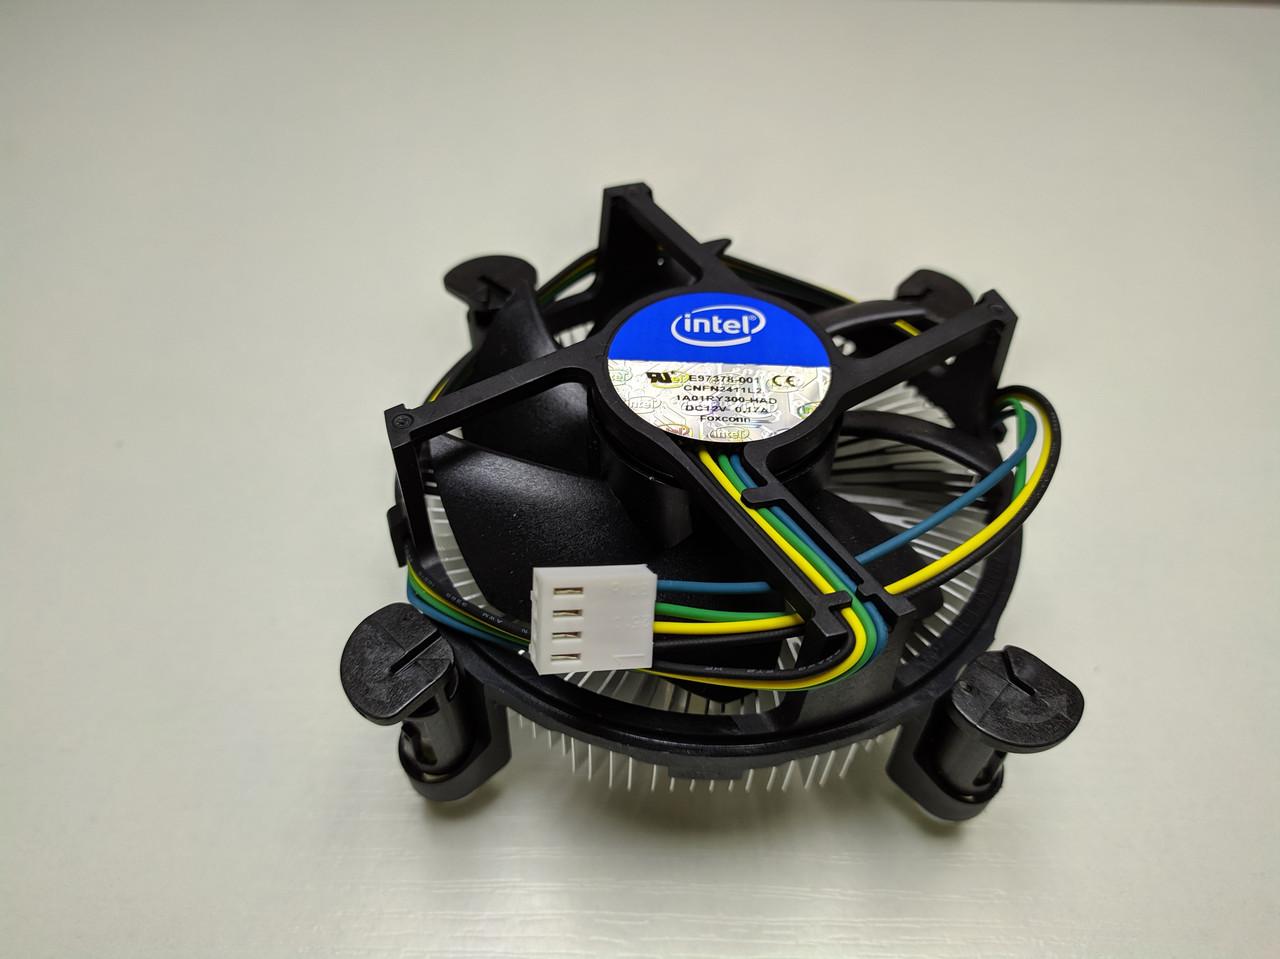 Кулер процессорный Intel E97378-001 для S1151/1155/1156/1150, оригинальный